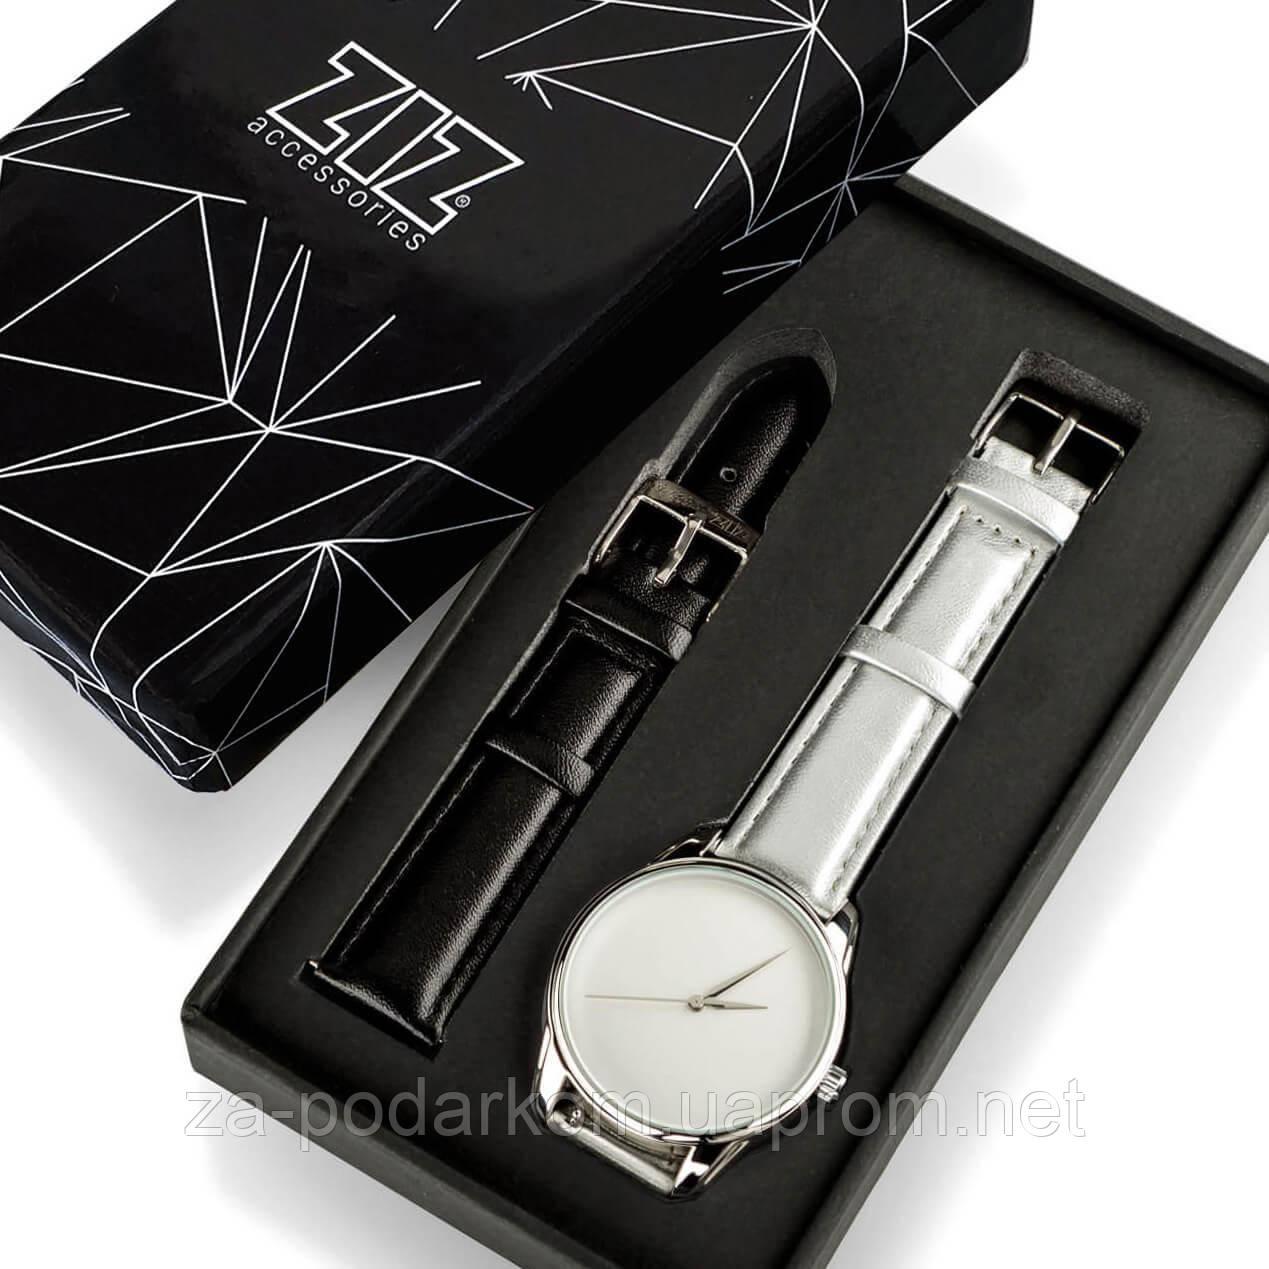 """Годинник """"Металік мінімалізм"""" подарунок жінці, чоловікові"""